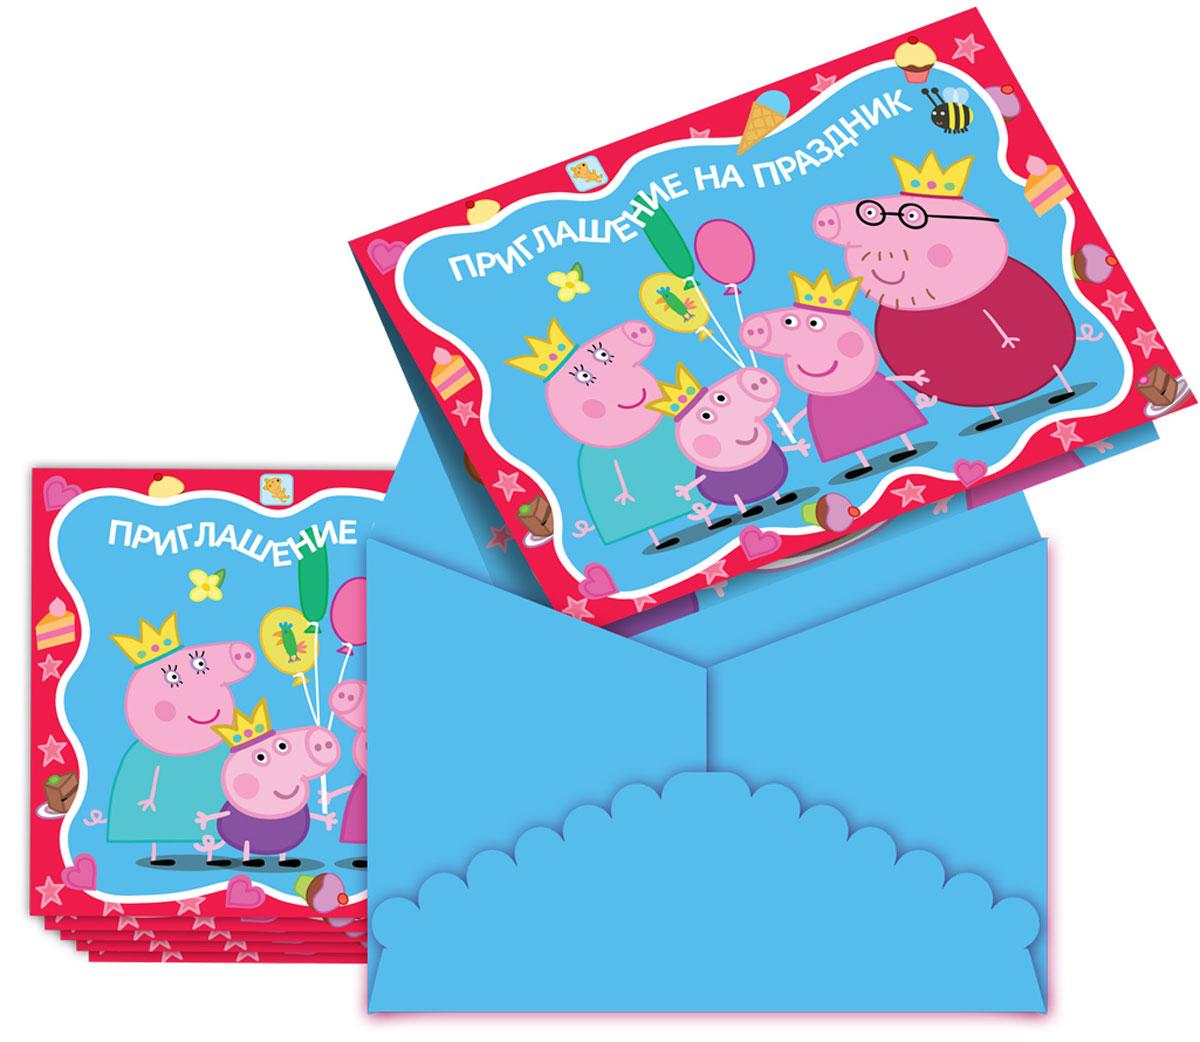 Peppa Pig Приглашение в конверте Пеппа-принцесса 6 шт28563Чтобы праздник удался на славу, создайте гостям праздничное настроение задолго до начала торжества. В этом отлично помогут яркие и привлекательные приглашения с веселыми героями мультфильма Свинка Пеппа. Получив их, приглашенные окунутся в сказочную атмосферу и почувствуют приближение настоящего чуда. А что может быть волшебнее детского праздника! В наборе Пеппа-Принцеса 6 красочных приглашений в конвертах. Размер конверта и приглашения в сложенном виде: 12,5 х 9 см. Размер приглашения в развернутом виде: 12,5 х 18 см.